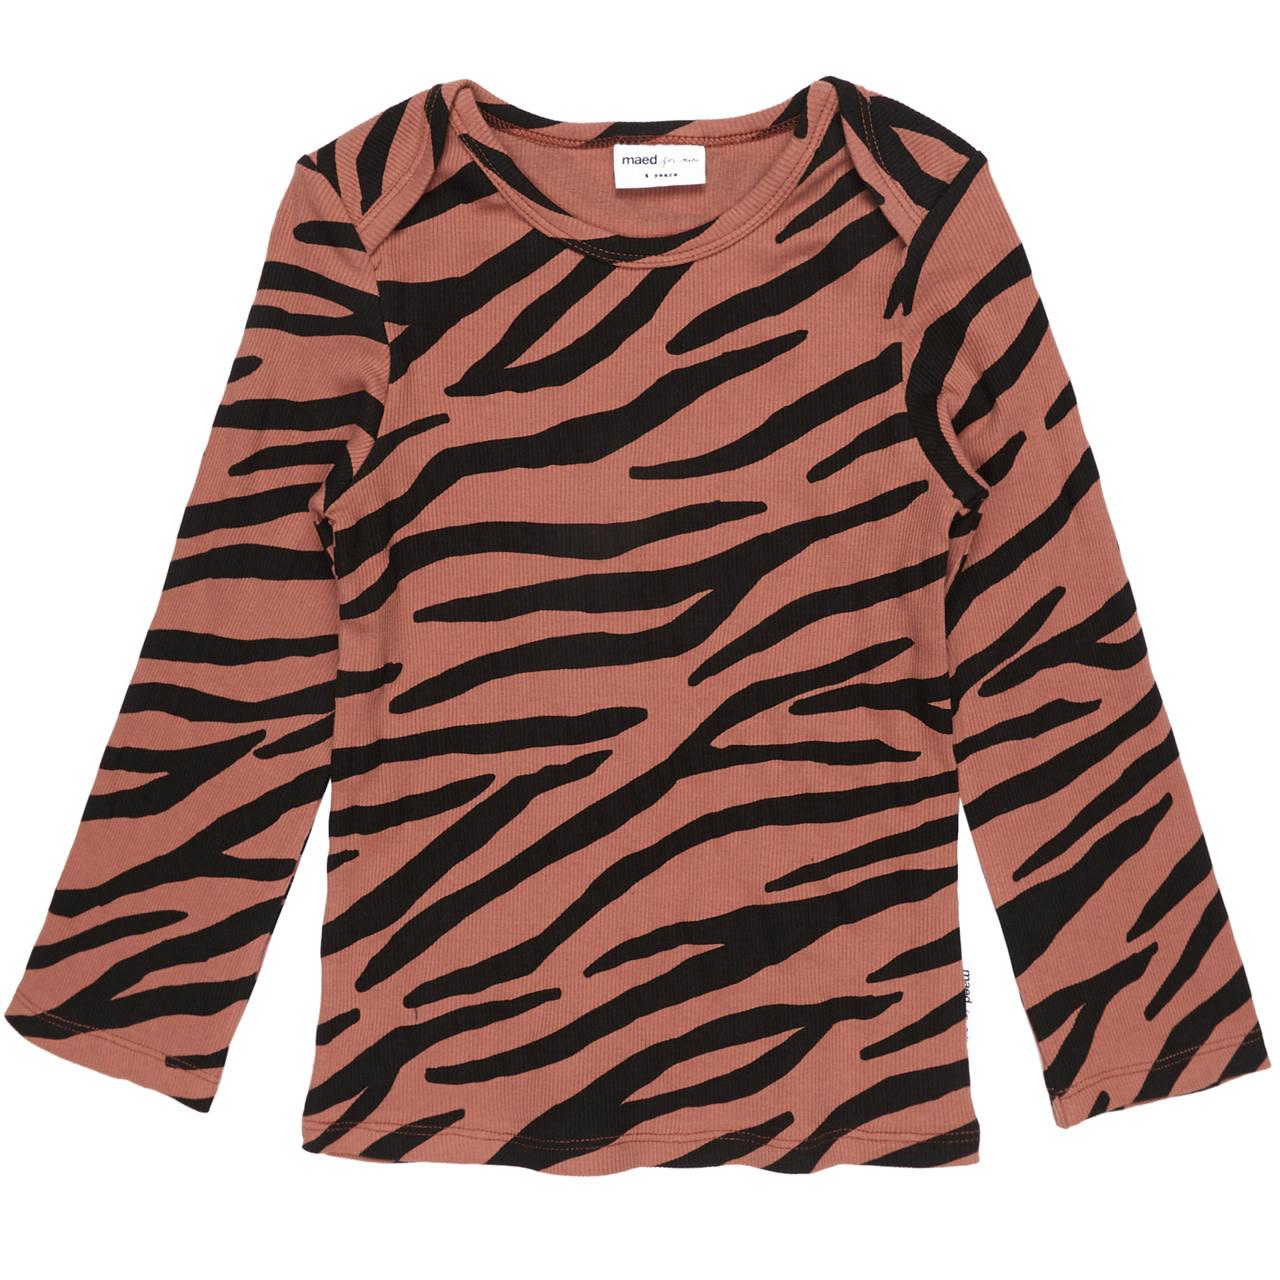 Maed For mini Maed for Mini - Blushing Zebra Longsleeve